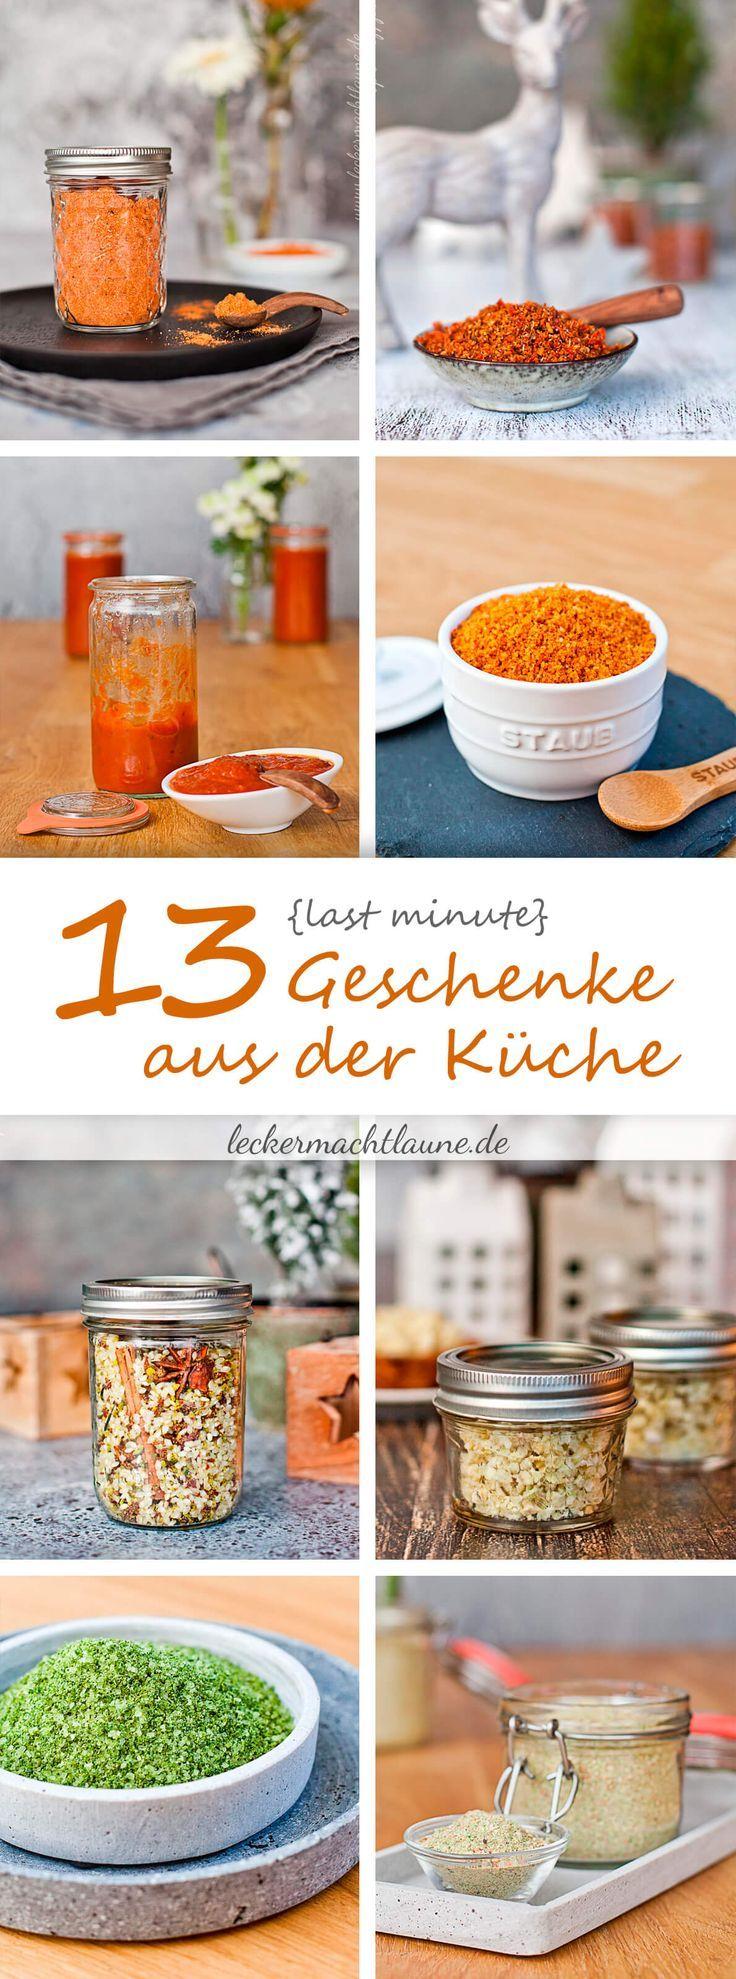 13 Last Minute Geschenke aus der Küche – Annika Riek